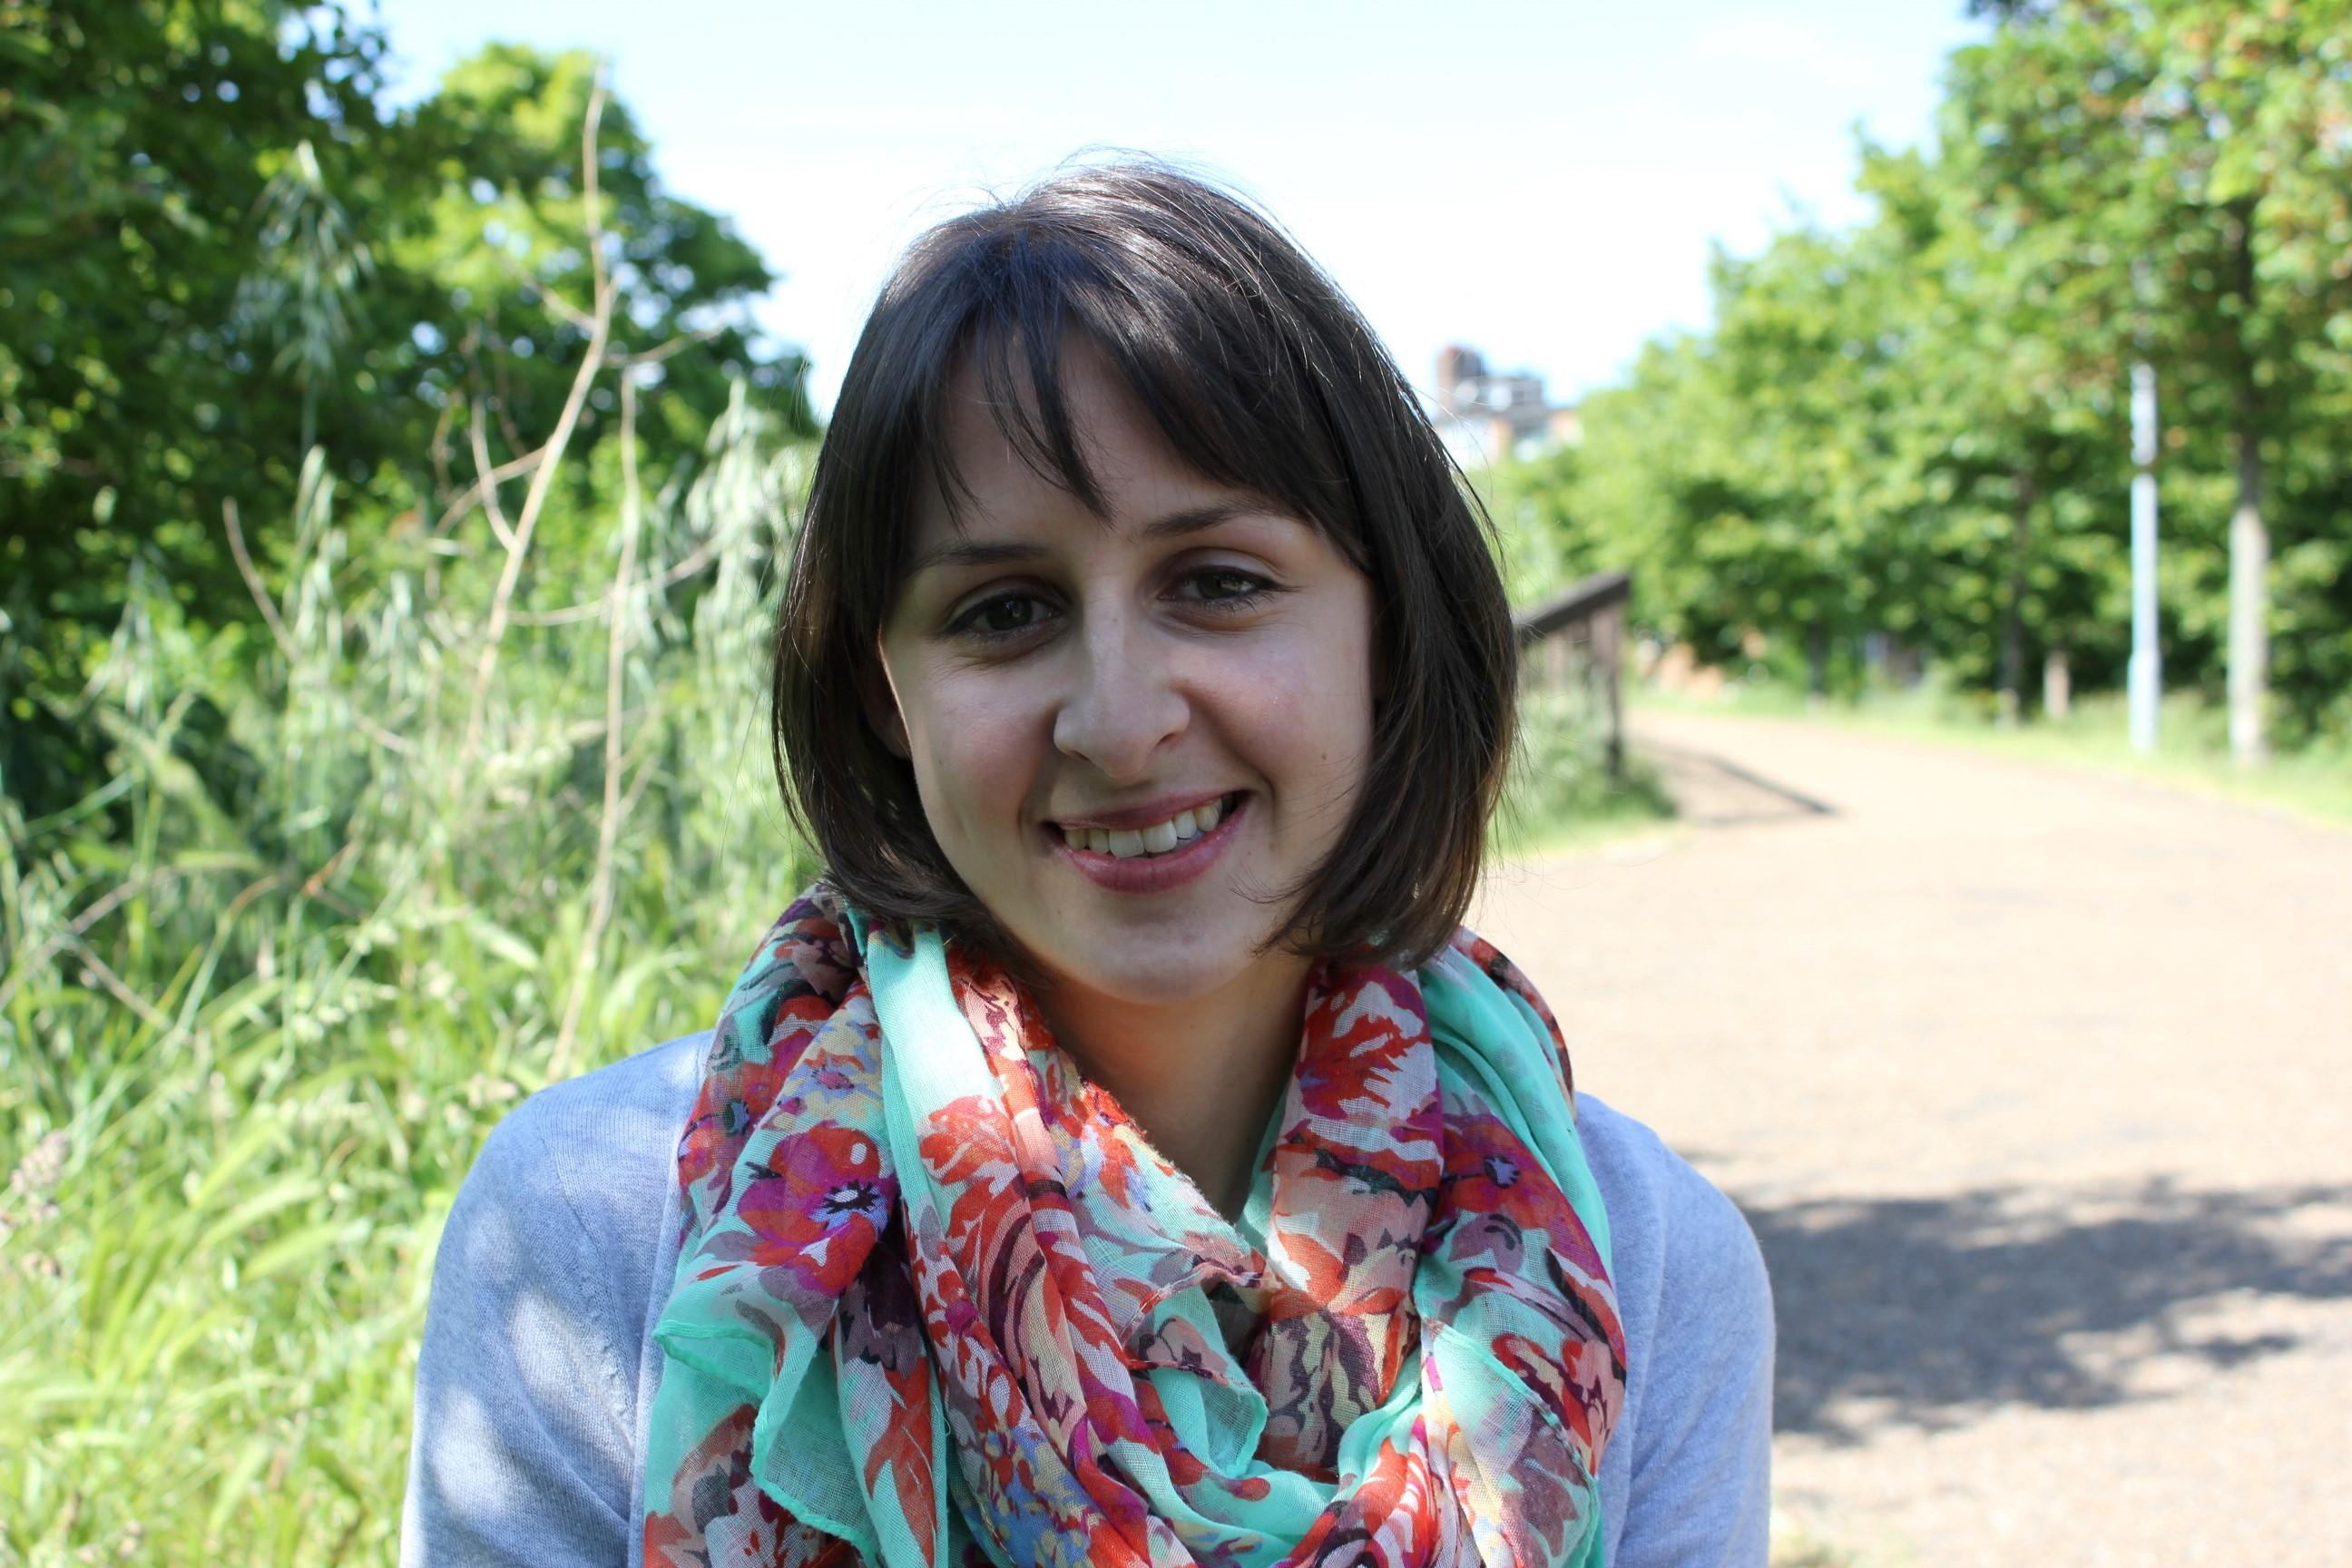 Joanna Moulton